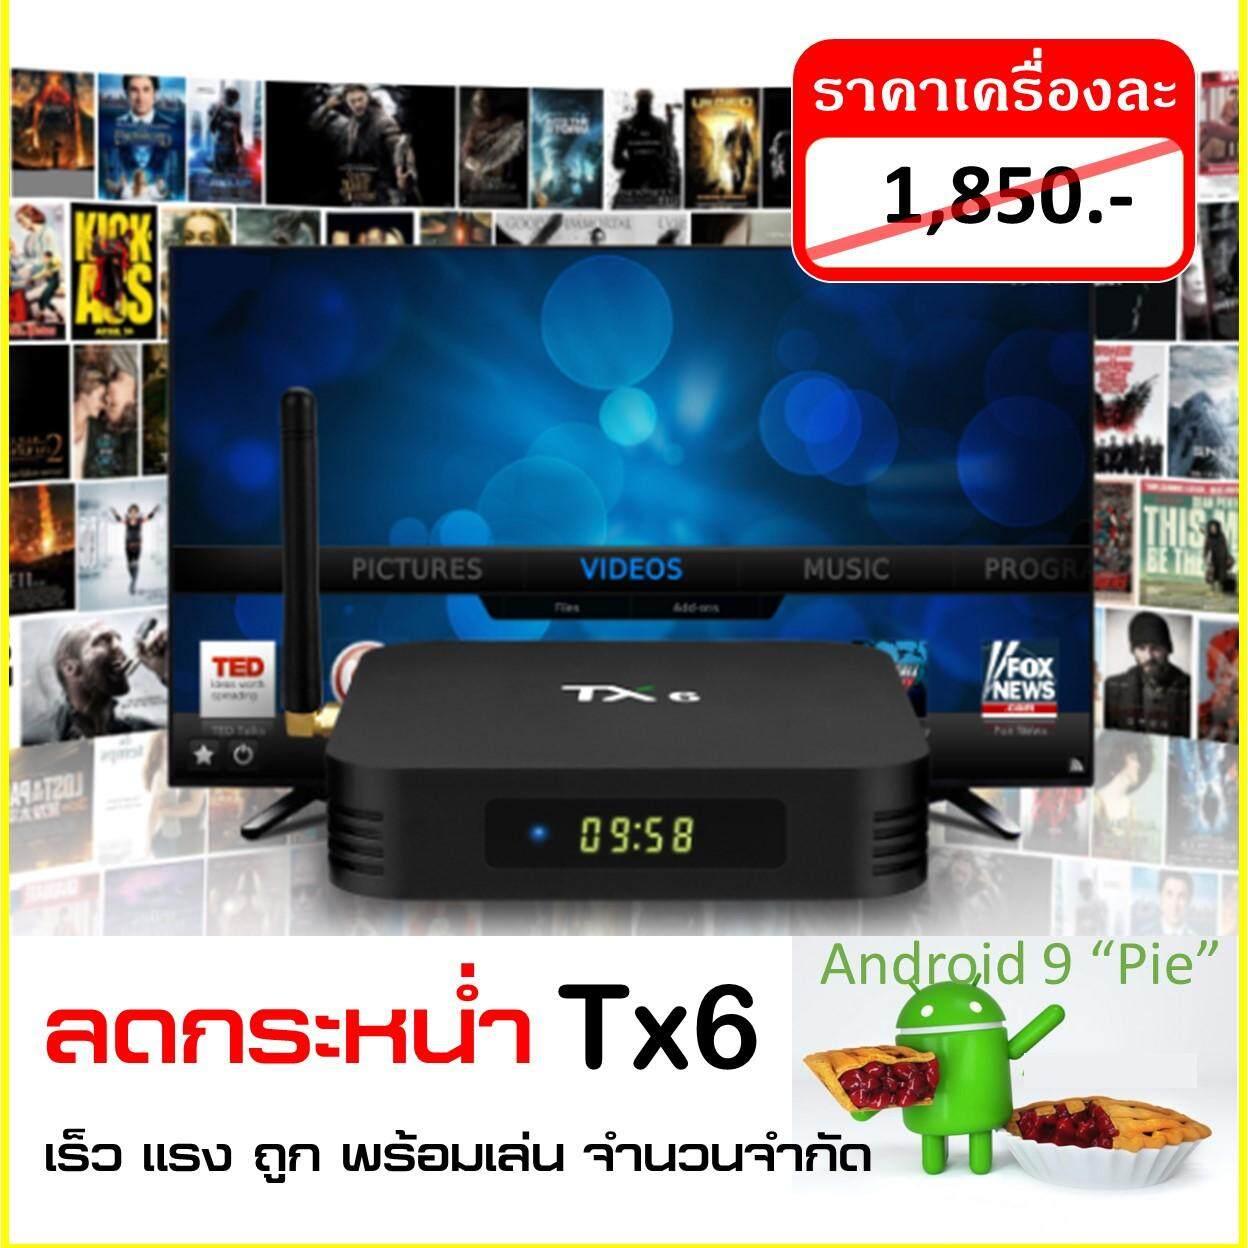 สินเชื่อบุคคลซิตี้  เพชรบุรี Android Smart tv box Tx6 จัดโปร ลดกระหน่ำ ถูกสุด Ram2/16GB